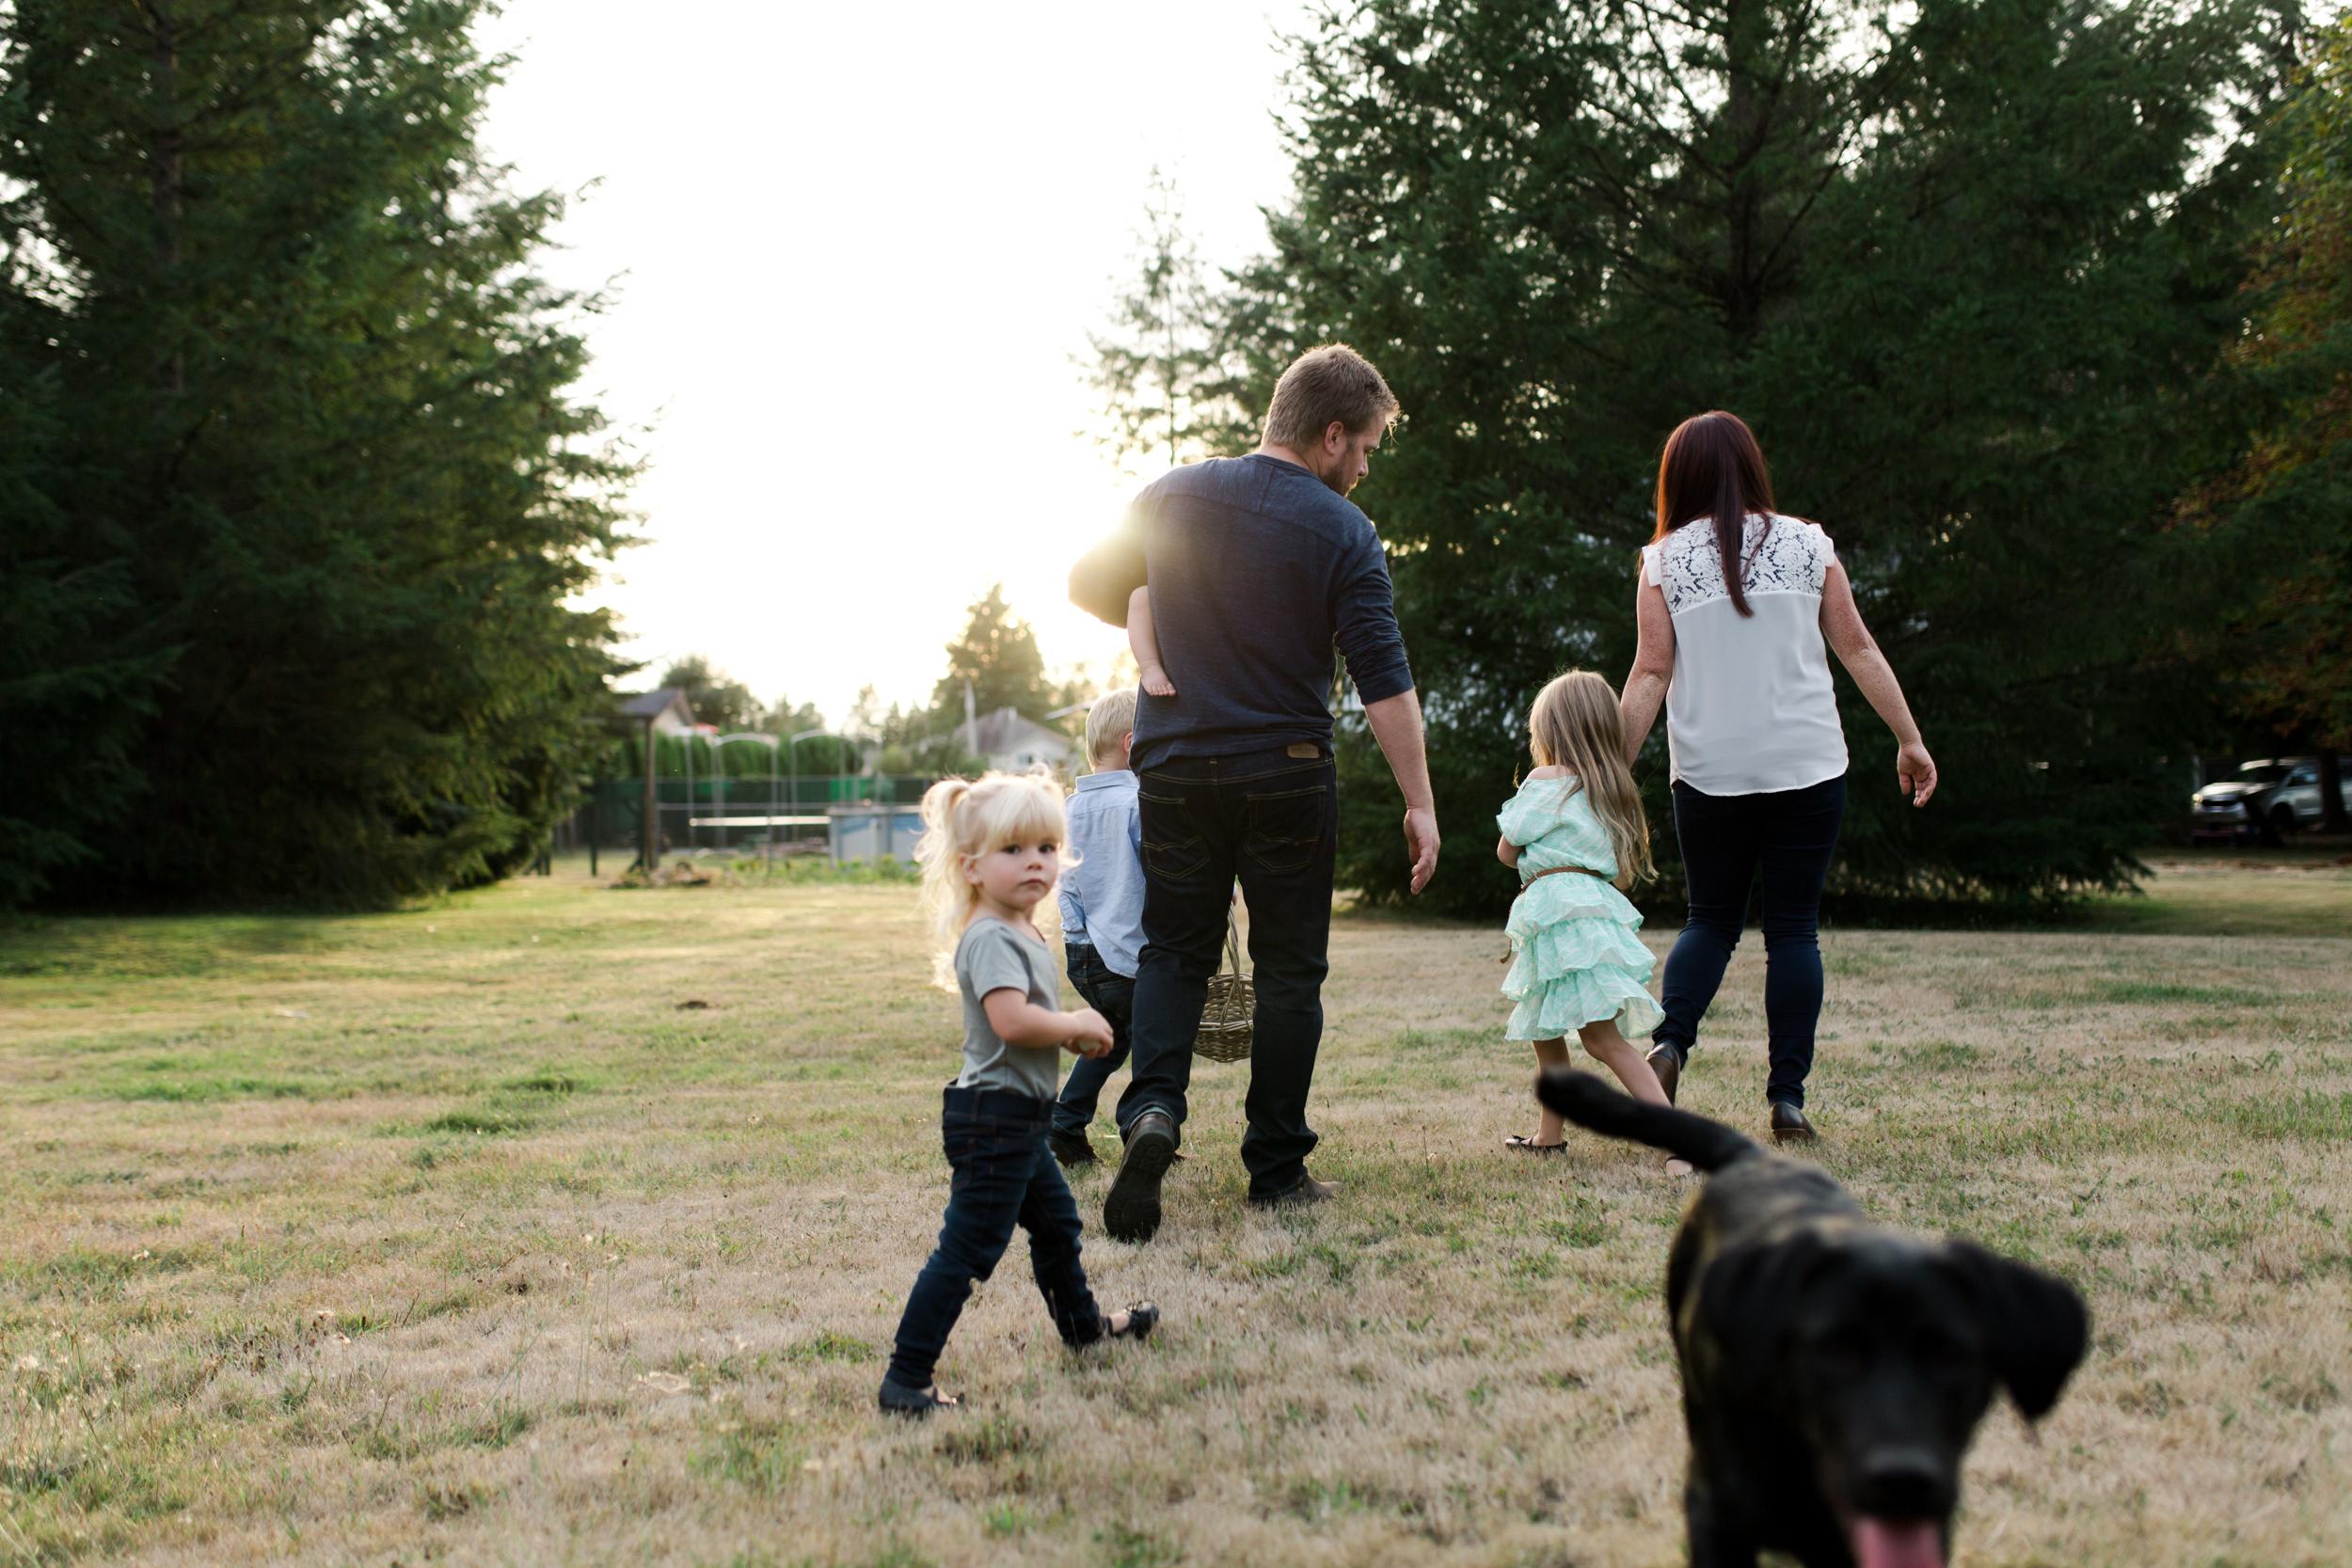 family-documentary-photography-fraser-valley-ott-010.jpg